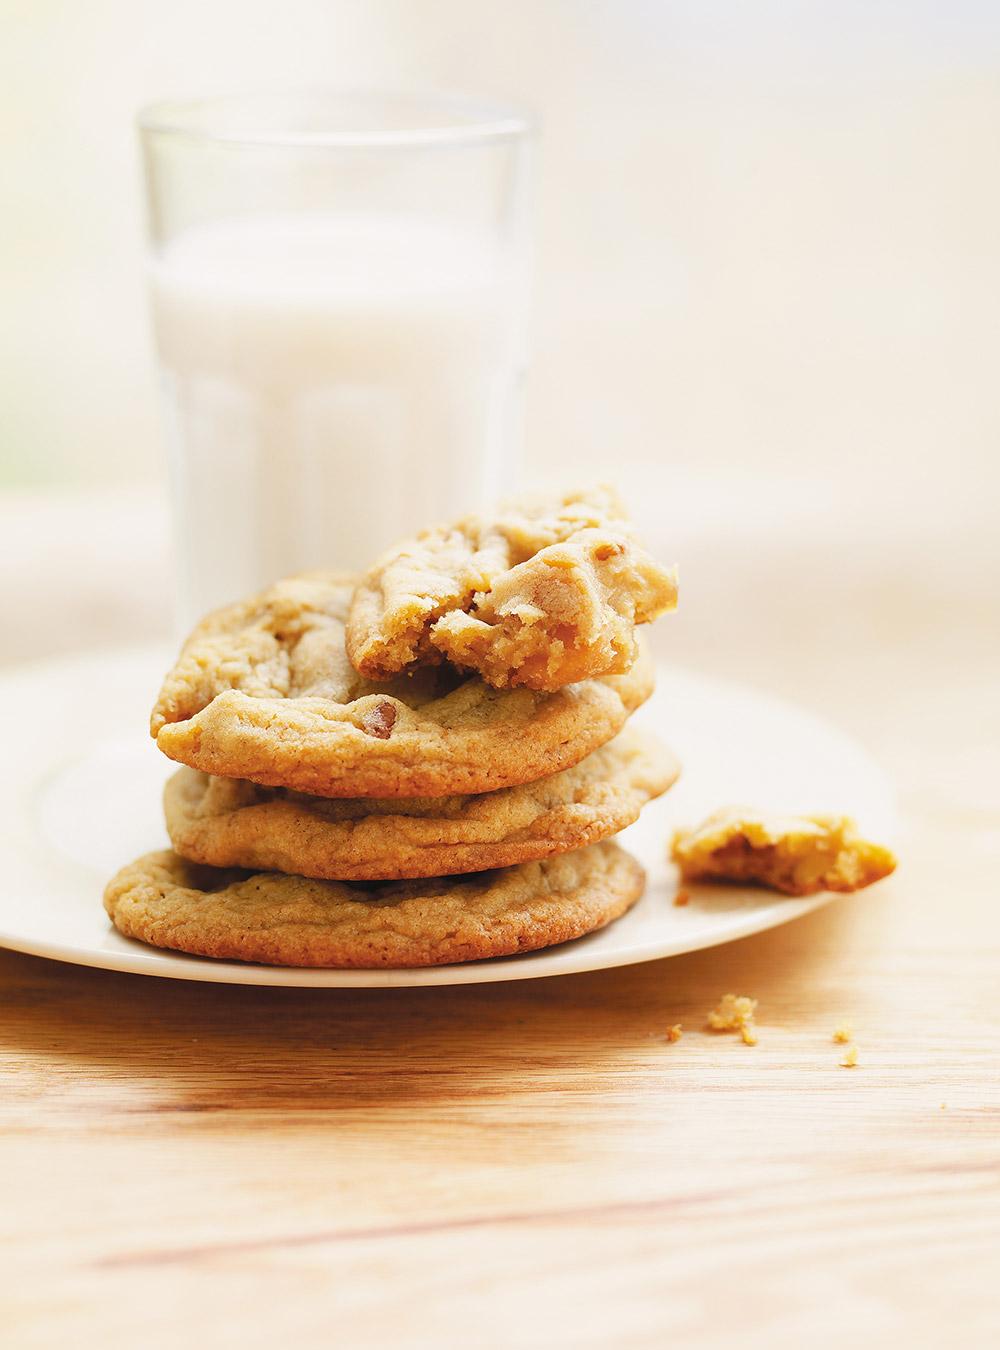 Biscuits tendres au sucre à la crème | ricardo